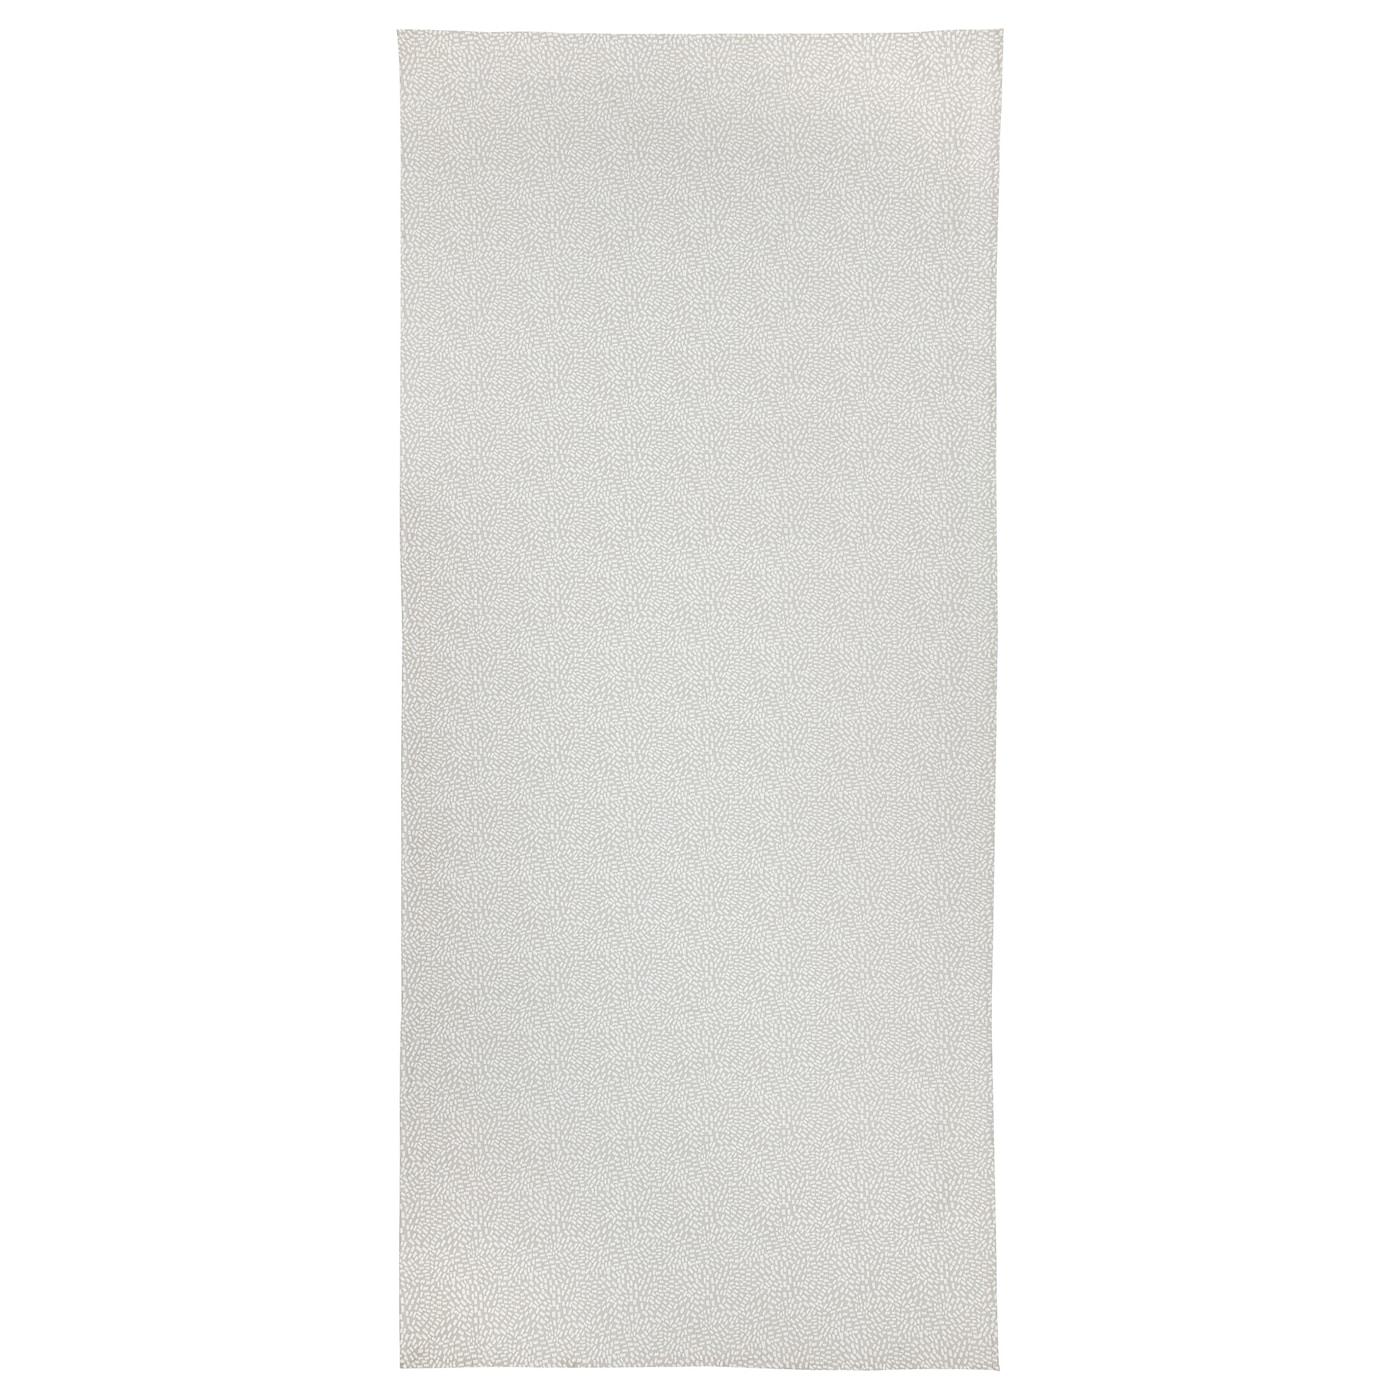 sommar 2018 nappe beige 145x320 cm ikea. Black Bedroom Furniture Sets. Home Design Ideas